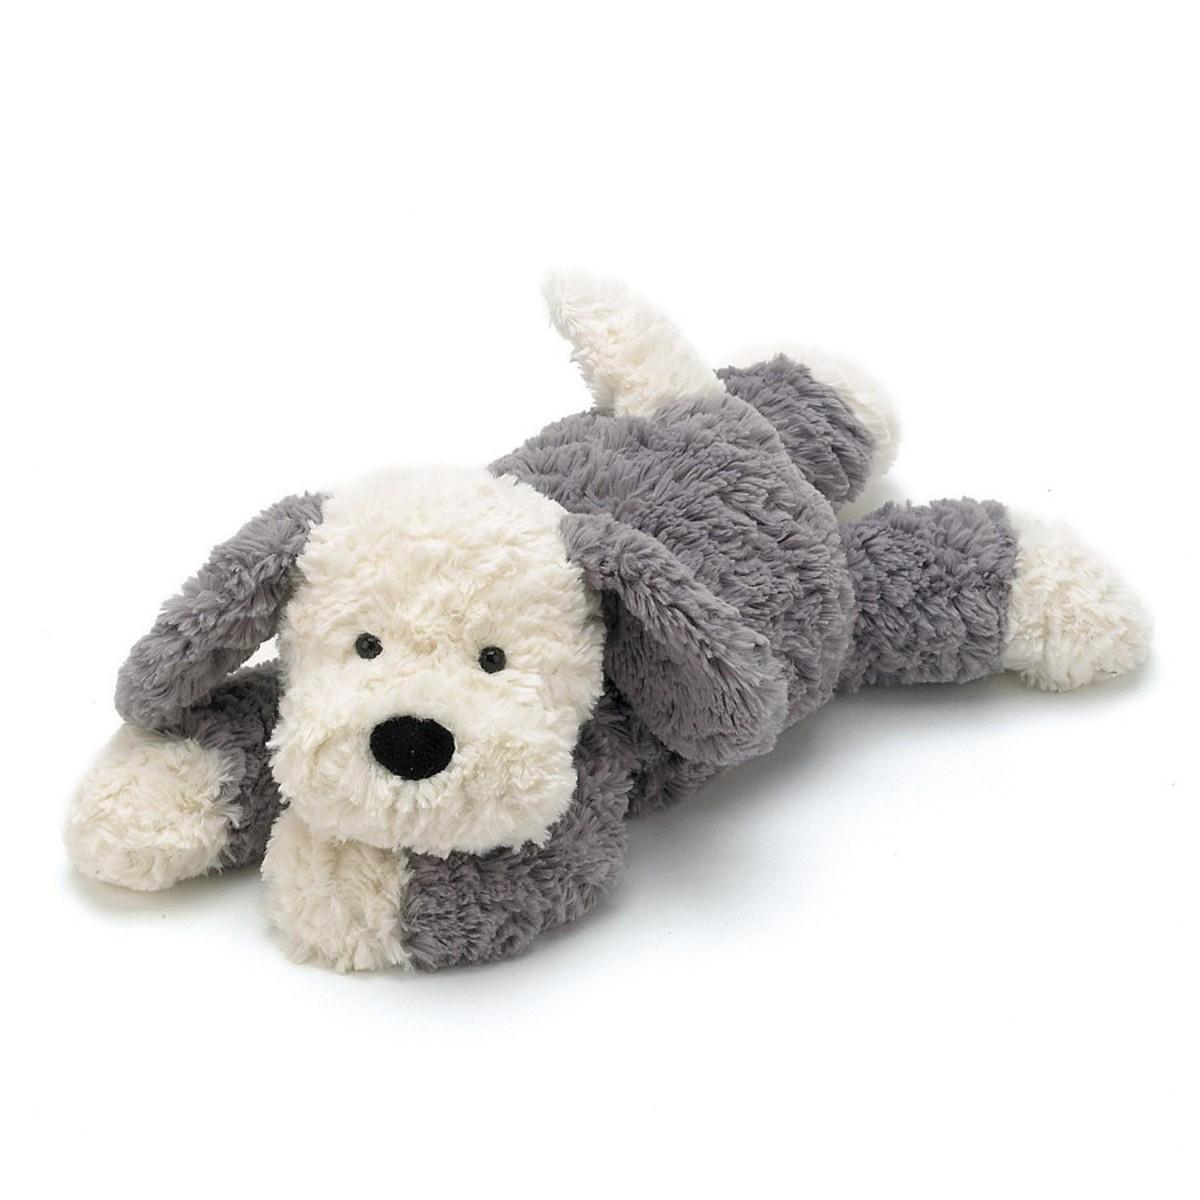 Peluche Tumblie Sheep Dog Medium Tumblie Sheep Dog Medium